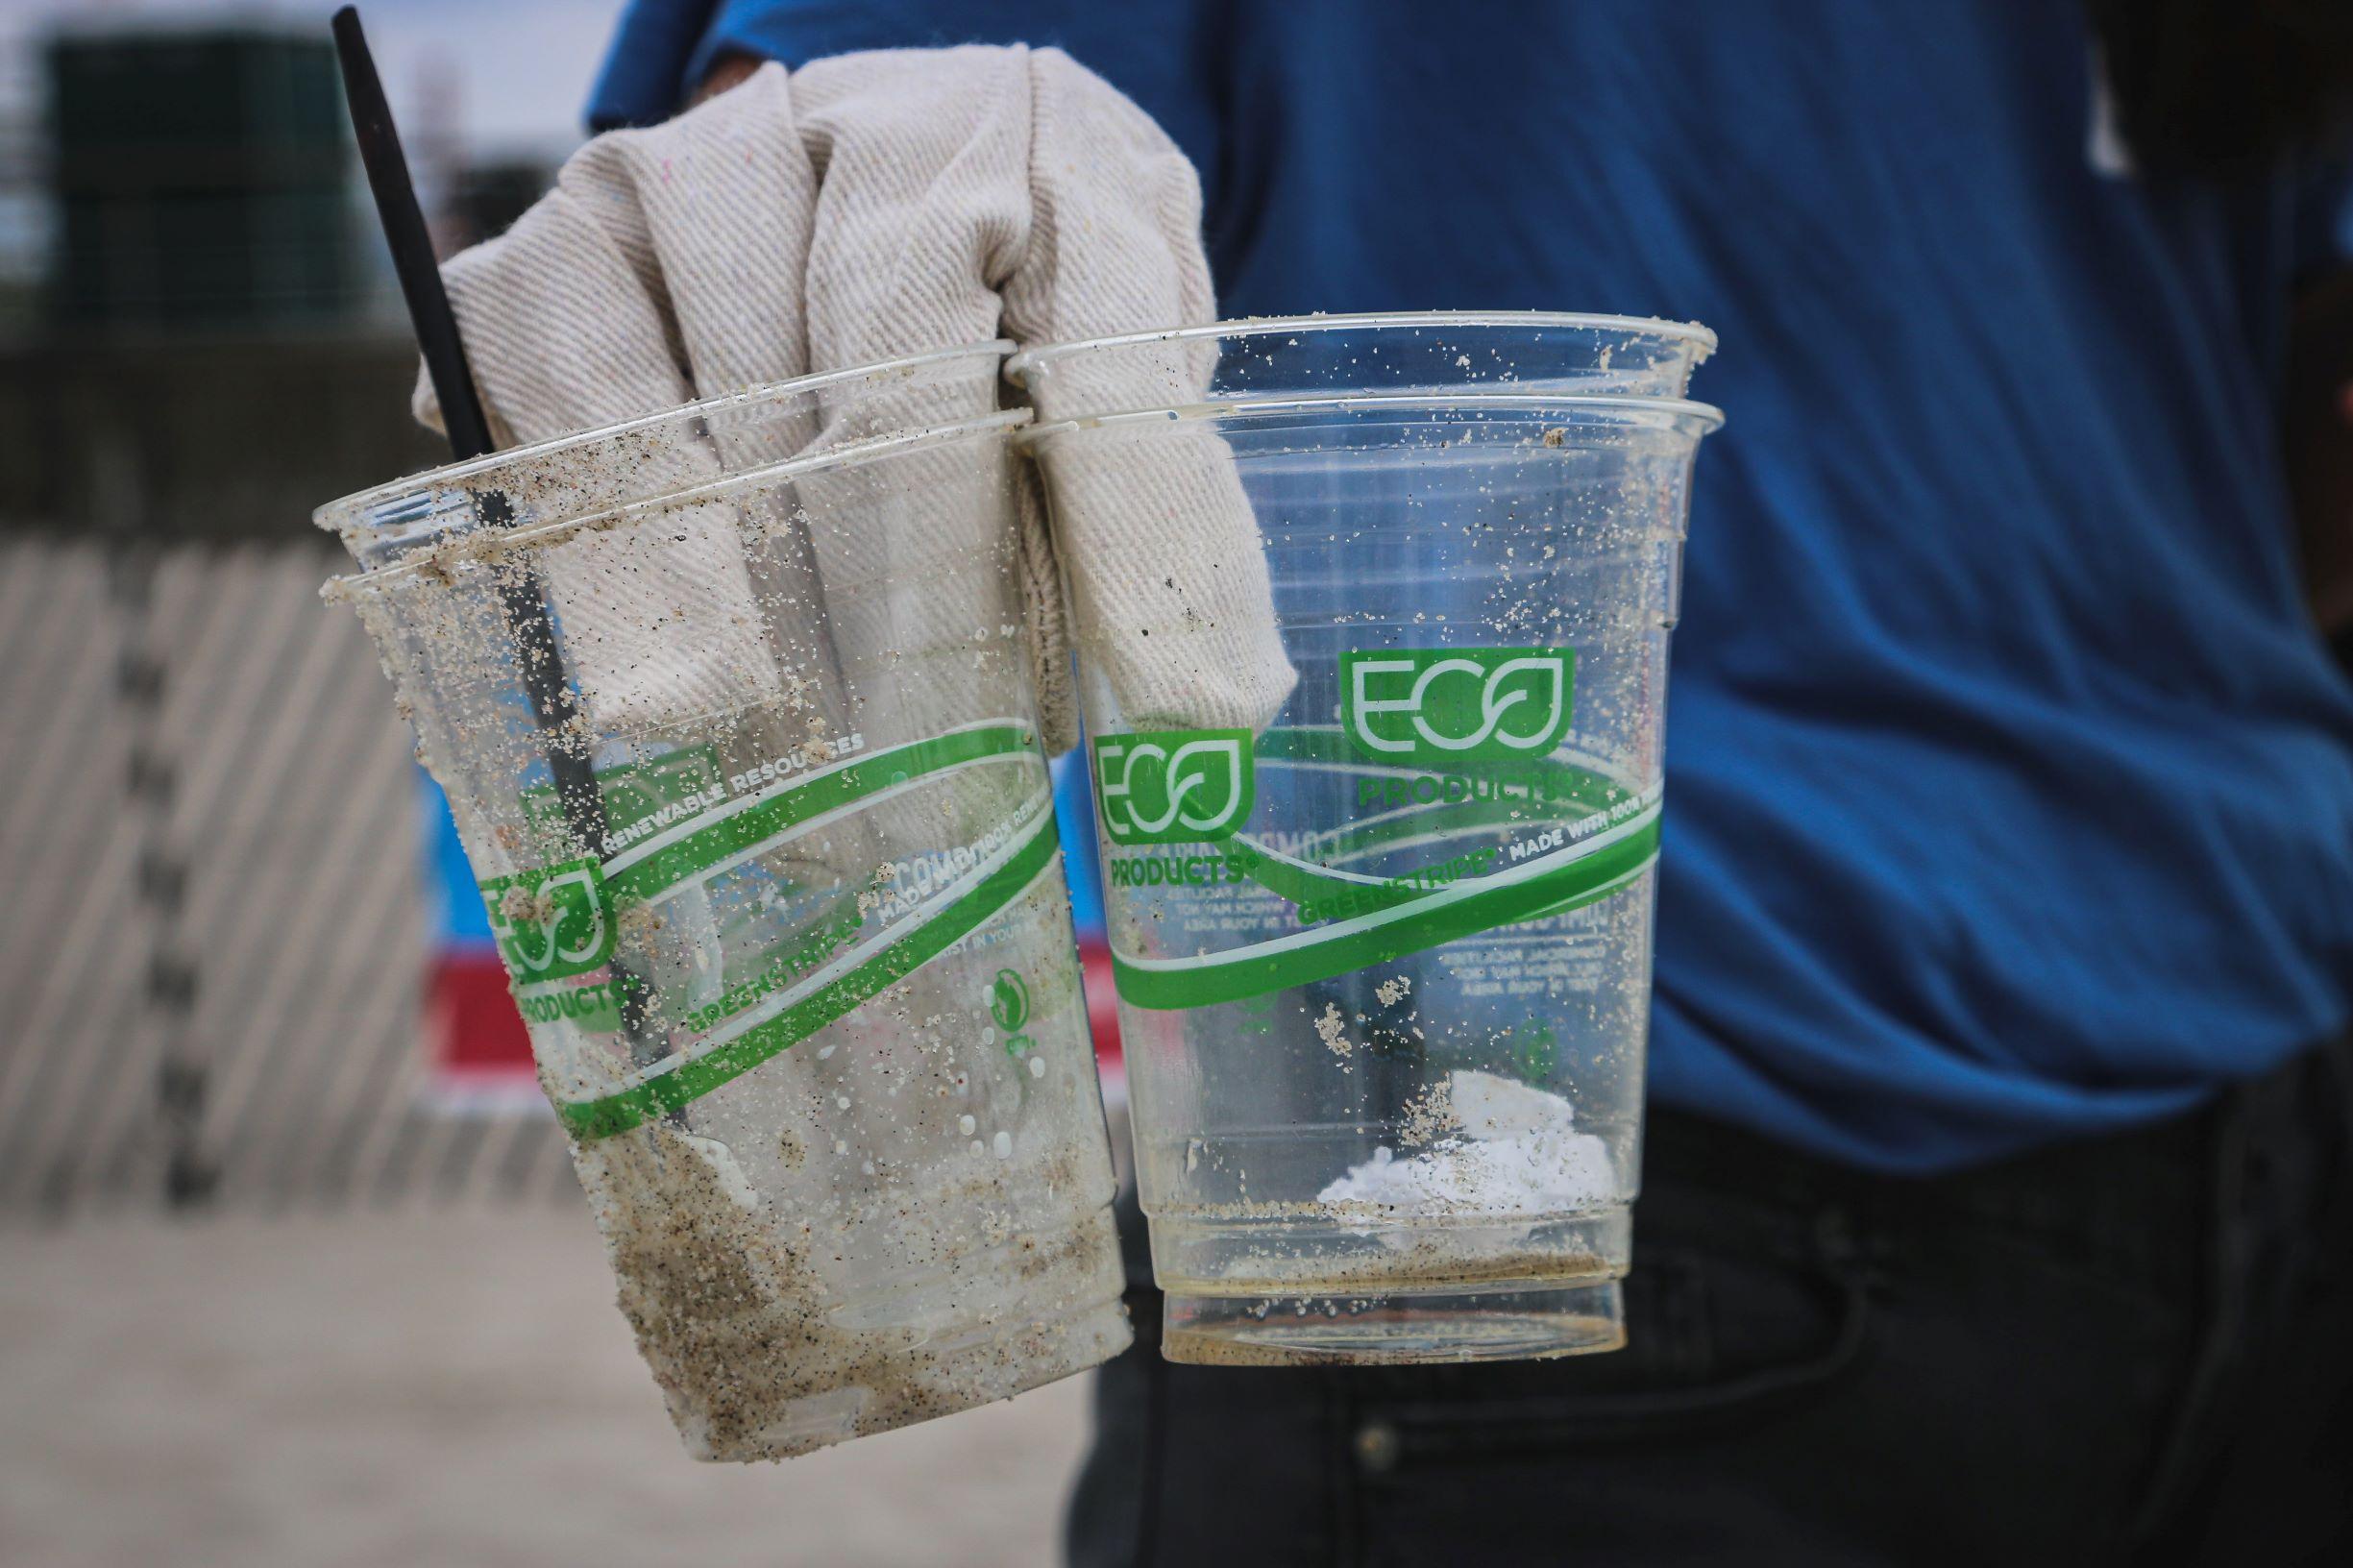 ręka w rękawiczce trzymająca zużyte opiaszczone kubki z napisem eco